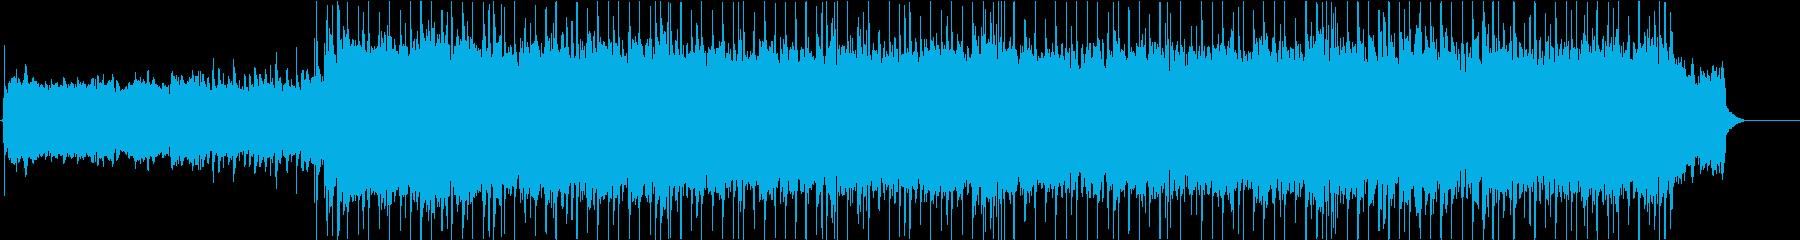 ファンタジー系RPG向けロックBGMの再生済みの波形